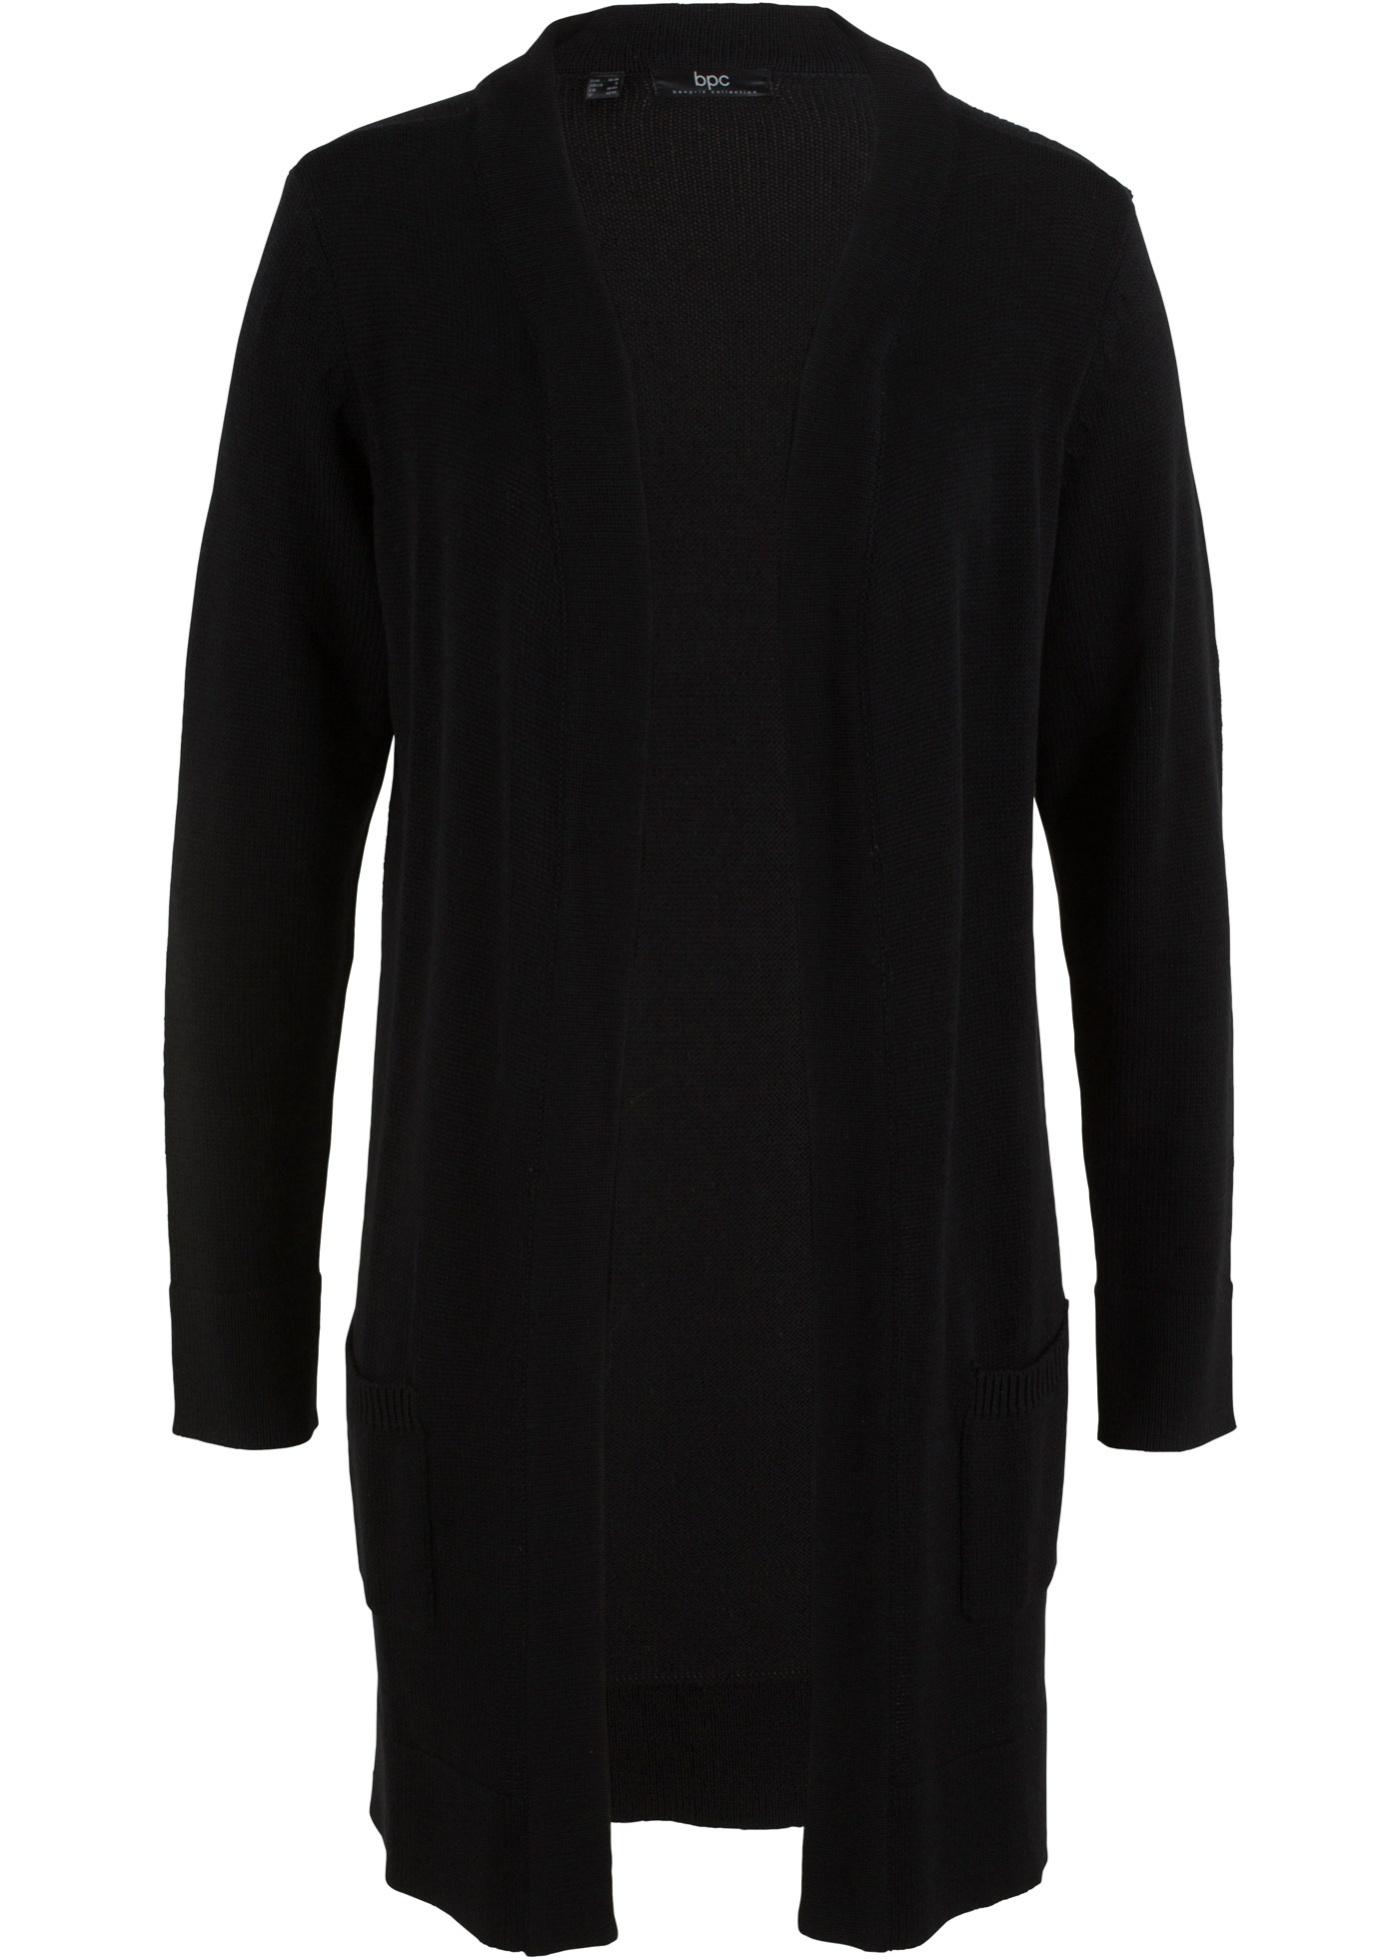 Long En CollectionGilet Bpc Femme Bonprix Noir Longues Pour MailleManches IW9YH2ED